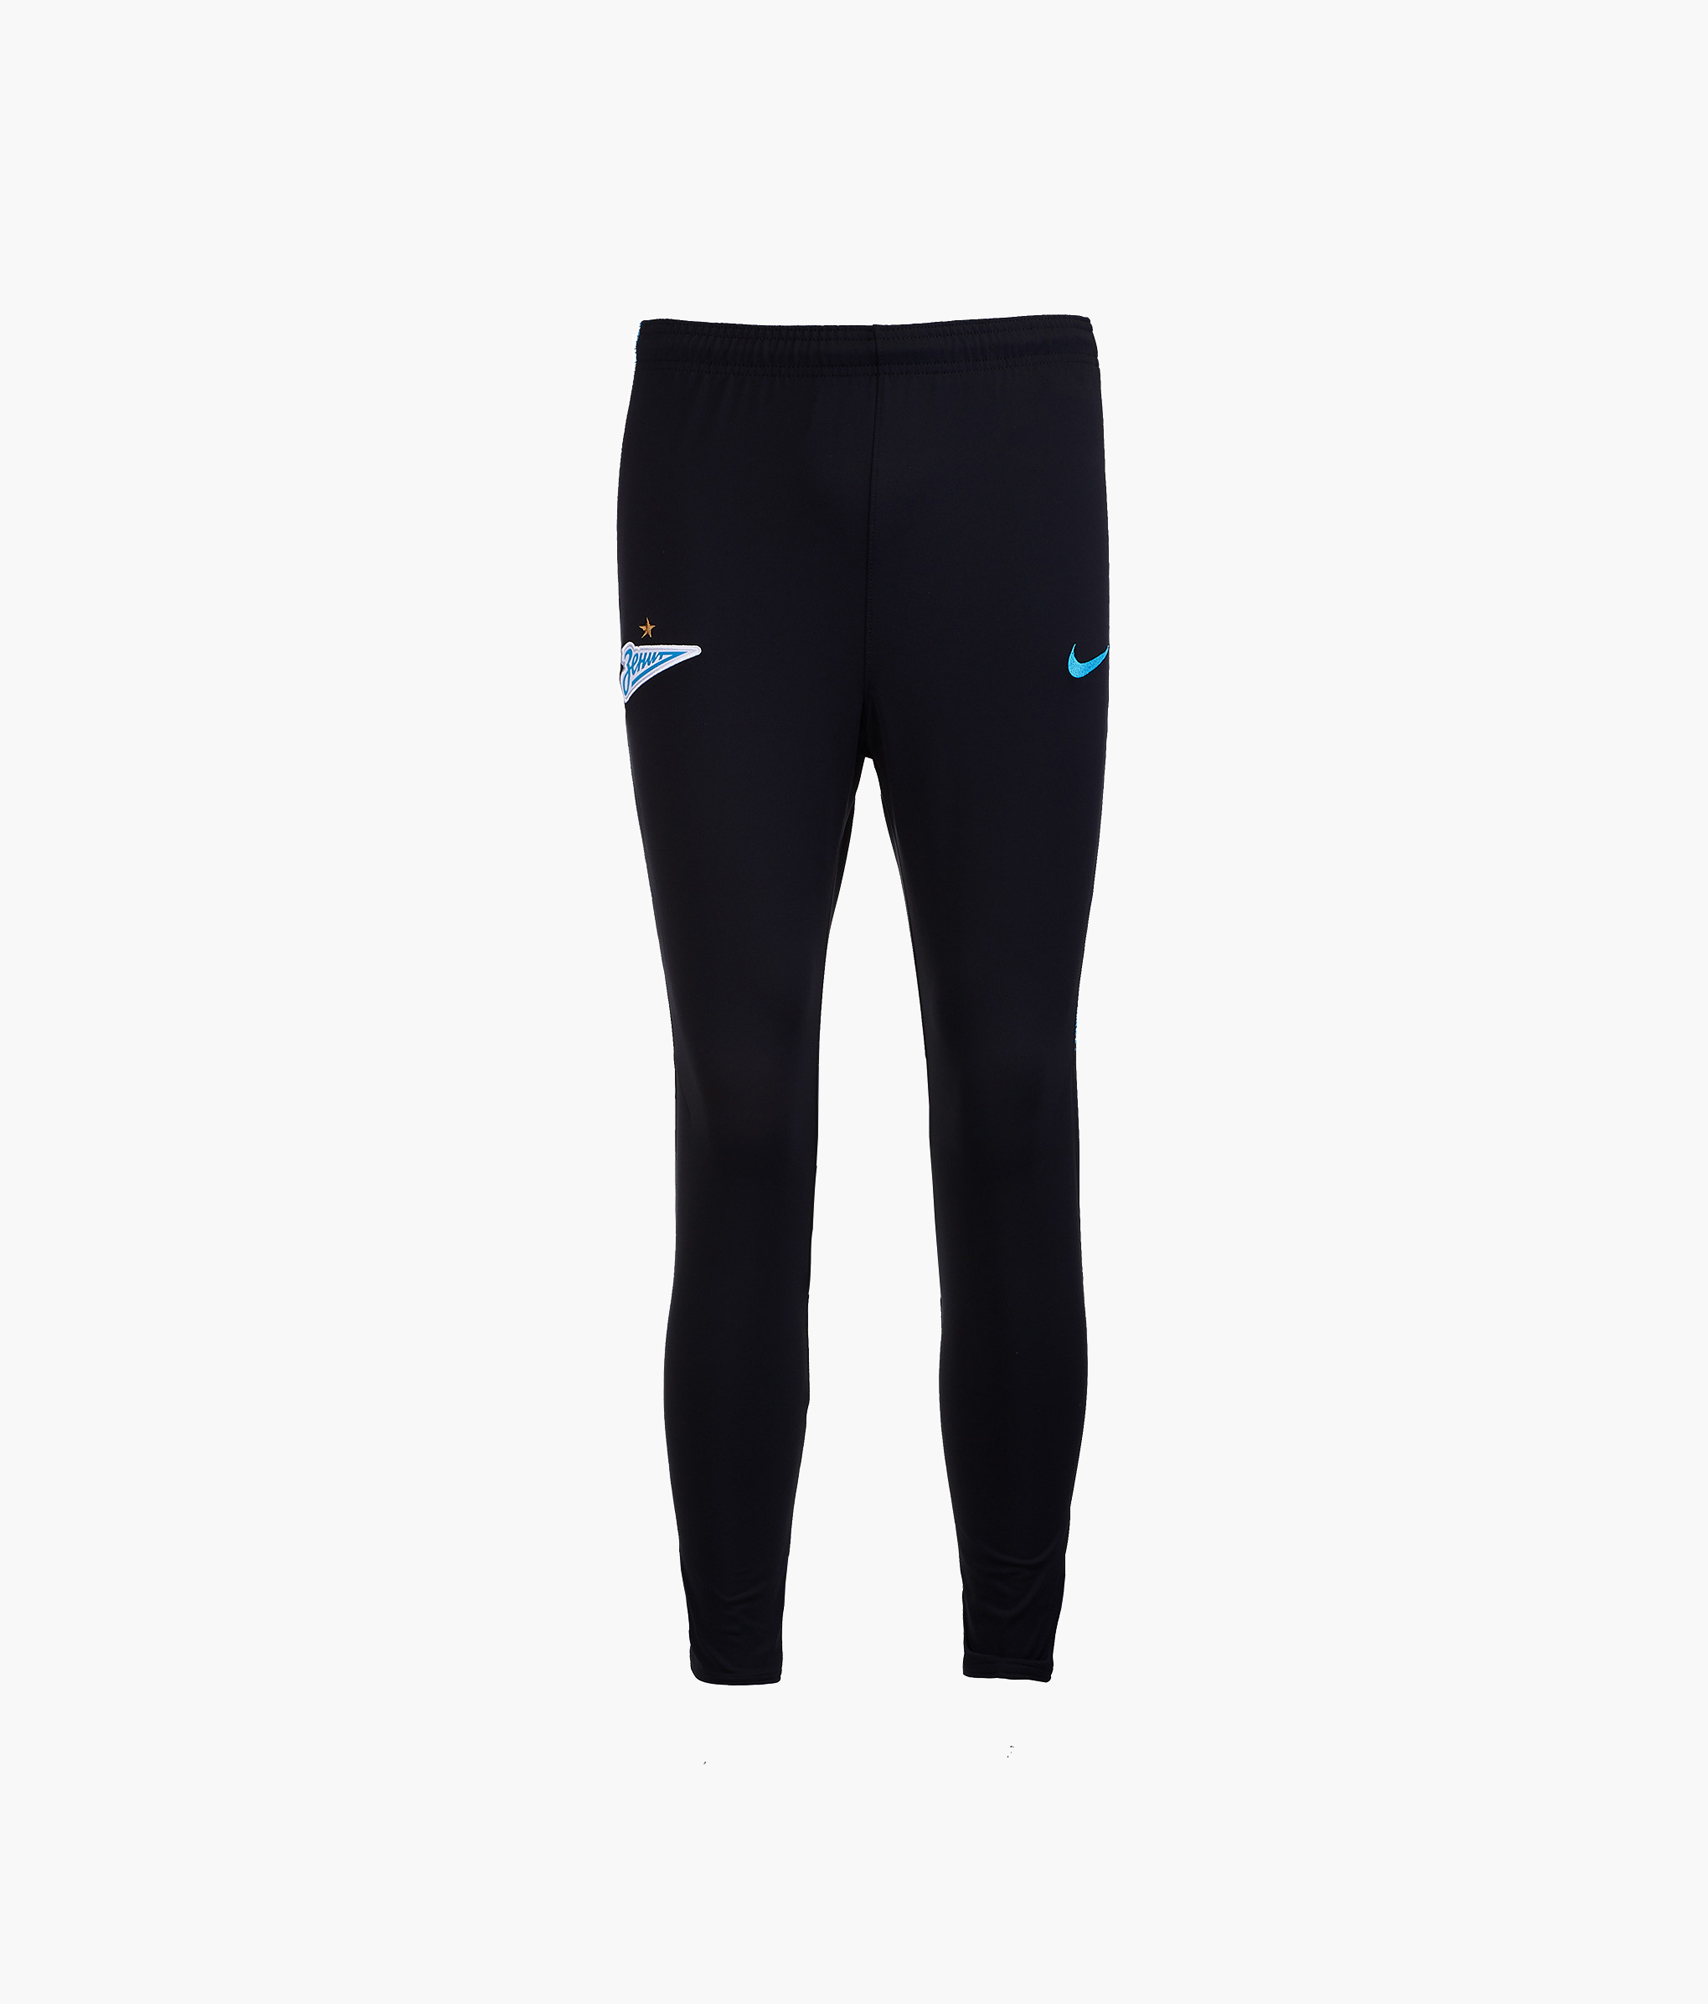 Брюки подростковые тренировочные Nike Zenit 2018/19 Nike брюки тренировочные подростковые nike squad 832390 451